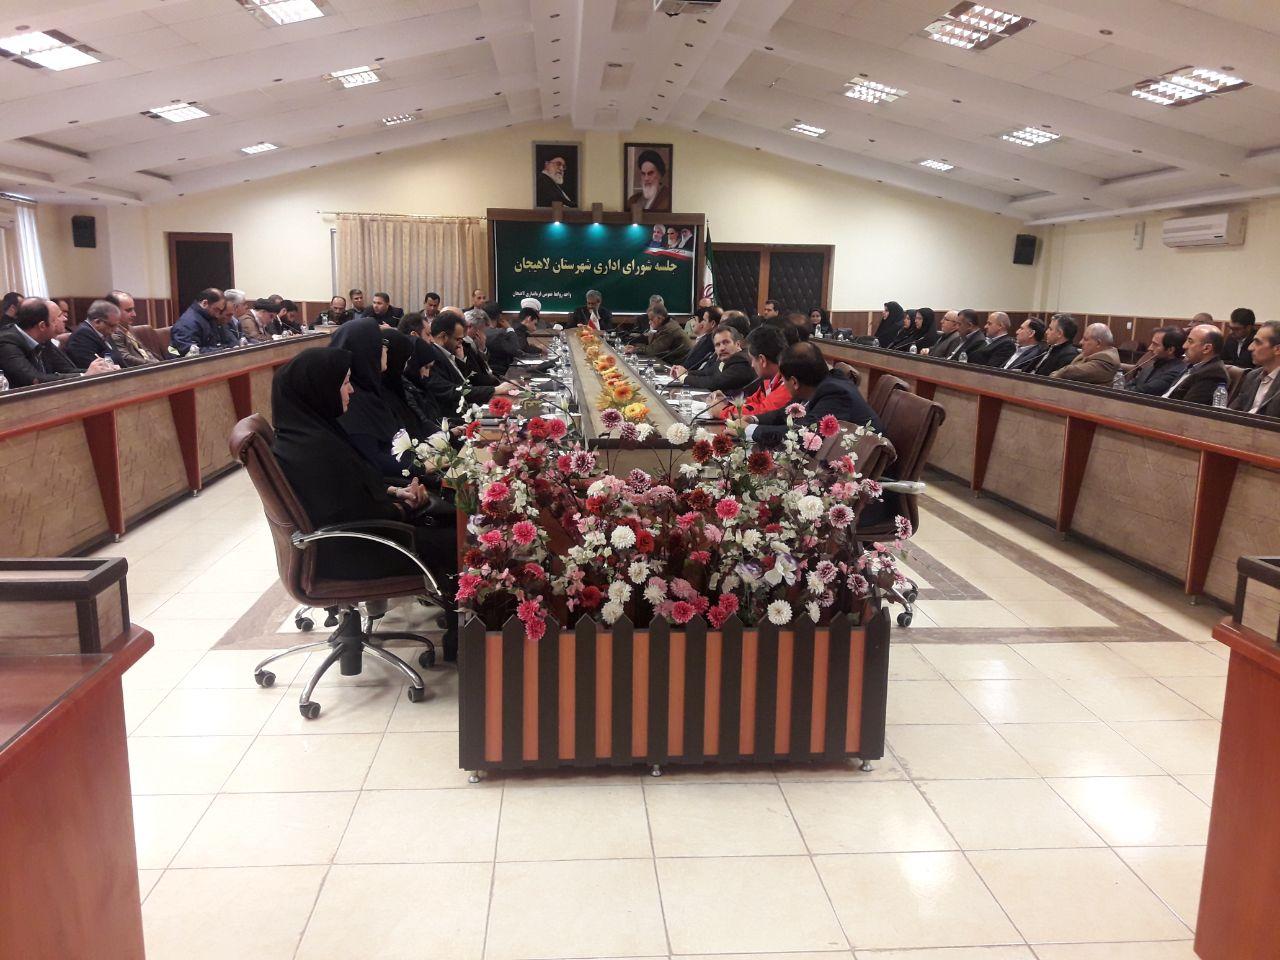 برگزاری نخستین جلسه شورای اداری سال  ۱۳۹۸ به ریاست میرغضنفری فرماندار شهرستان لاهیجان